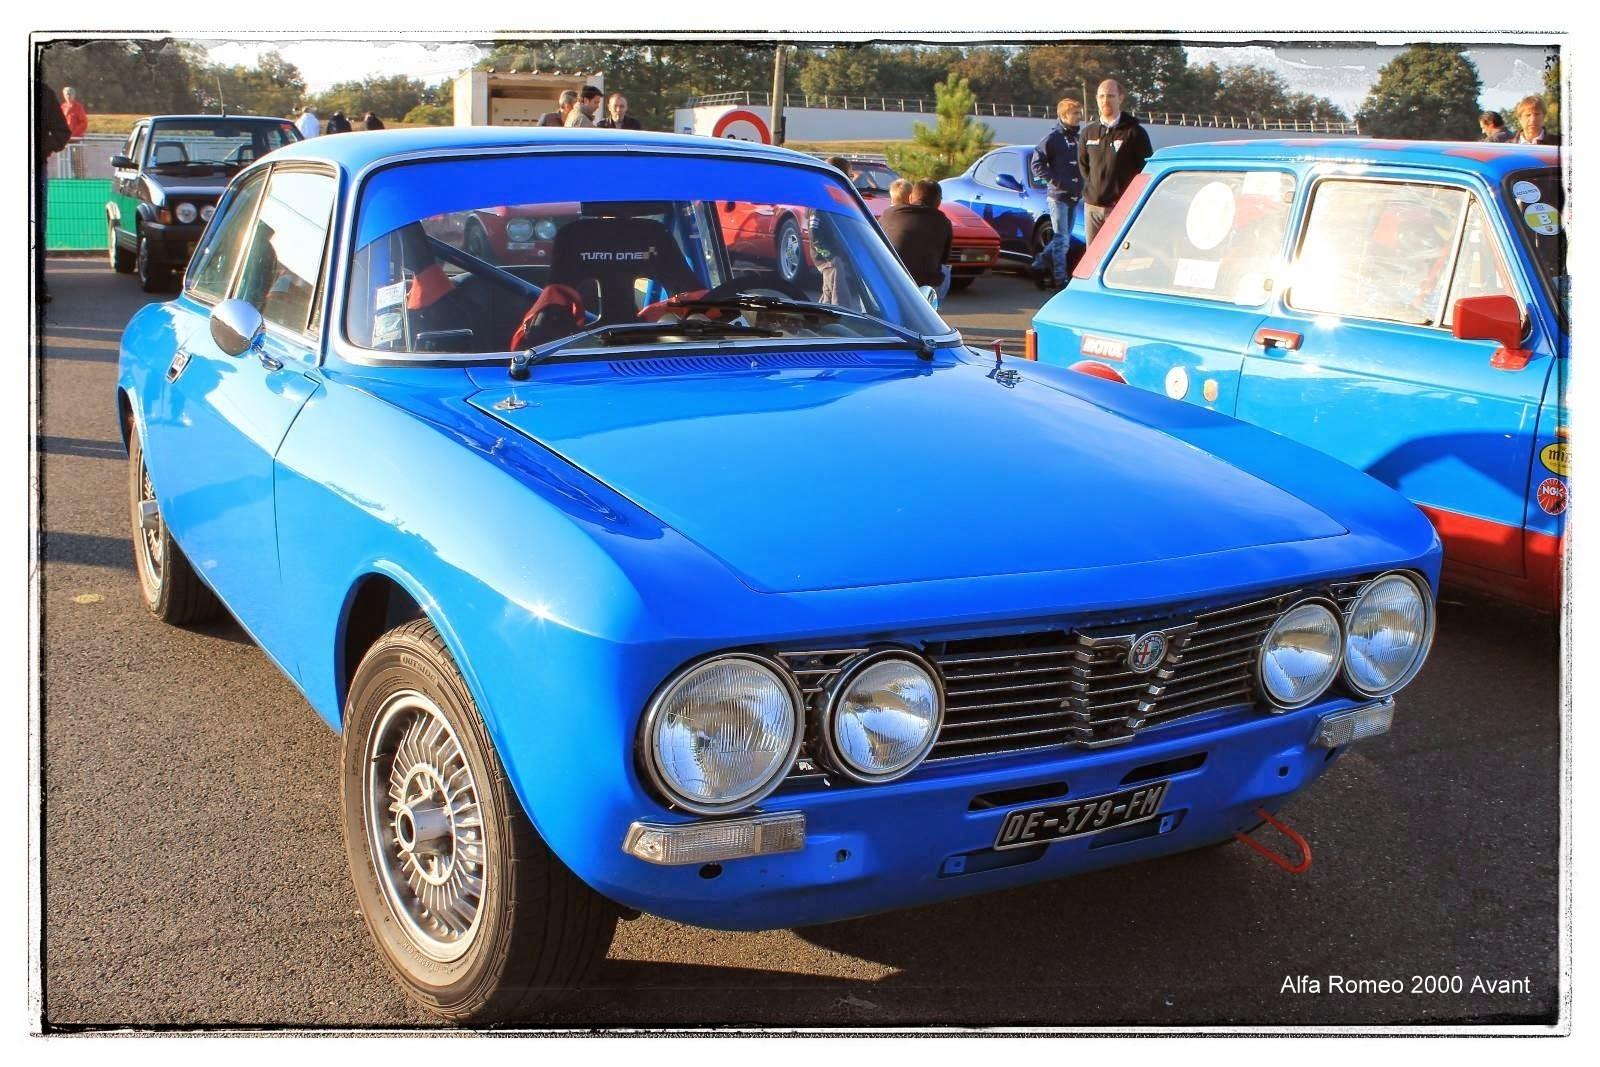 italian meeting - Alfa Romeo 2000